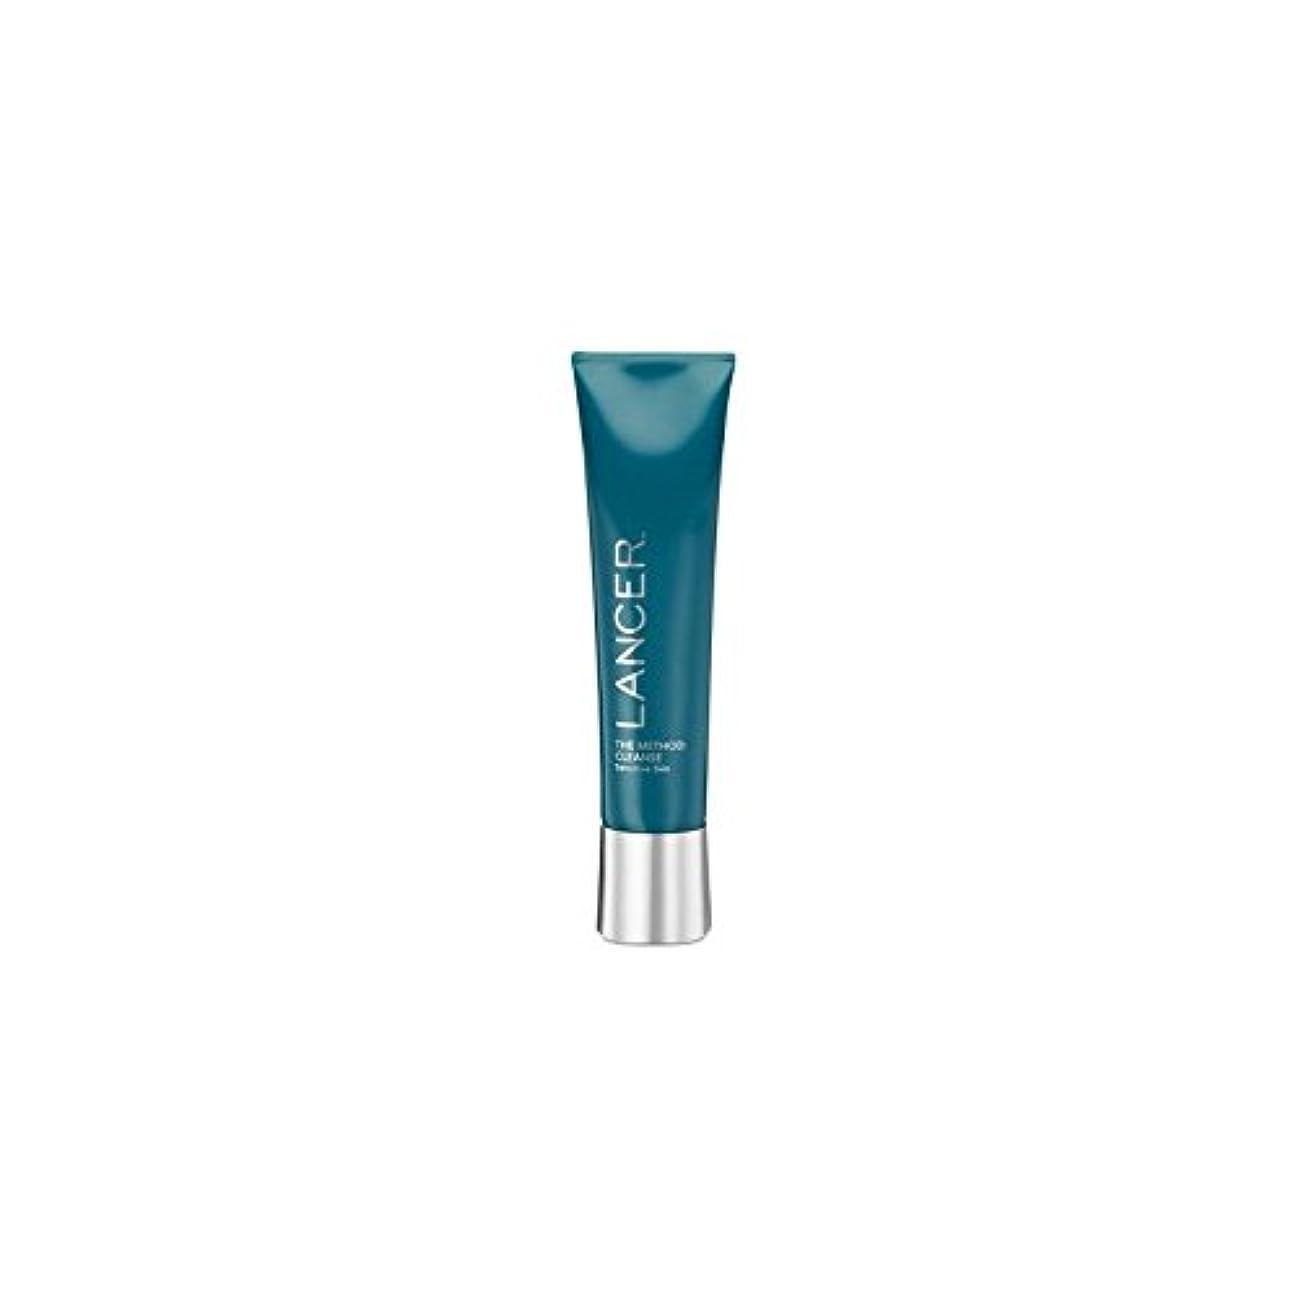 制限レーダー理解するLancer Skincare The Method: Cleanser Sensitive Skin (120ml) - クレンザー敏感肌(120ミリリットル):ランサーは、メソッドをスキンケア [並行輸入品]